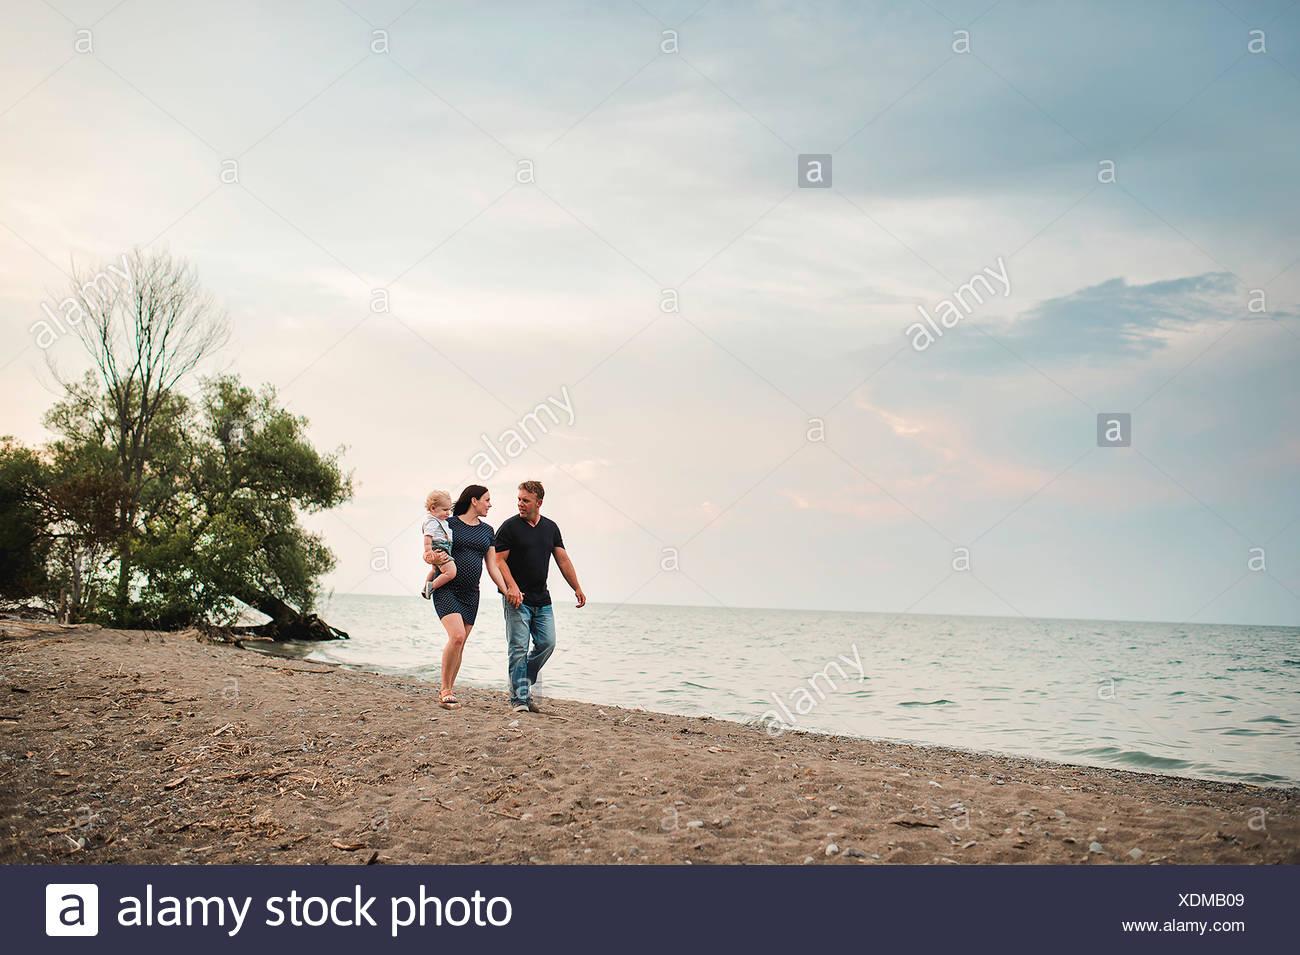 Schwangere paar Strand entlang schlendern mit männlichen Toddlersohn, Lake Ontario, Kanada Stockfoto